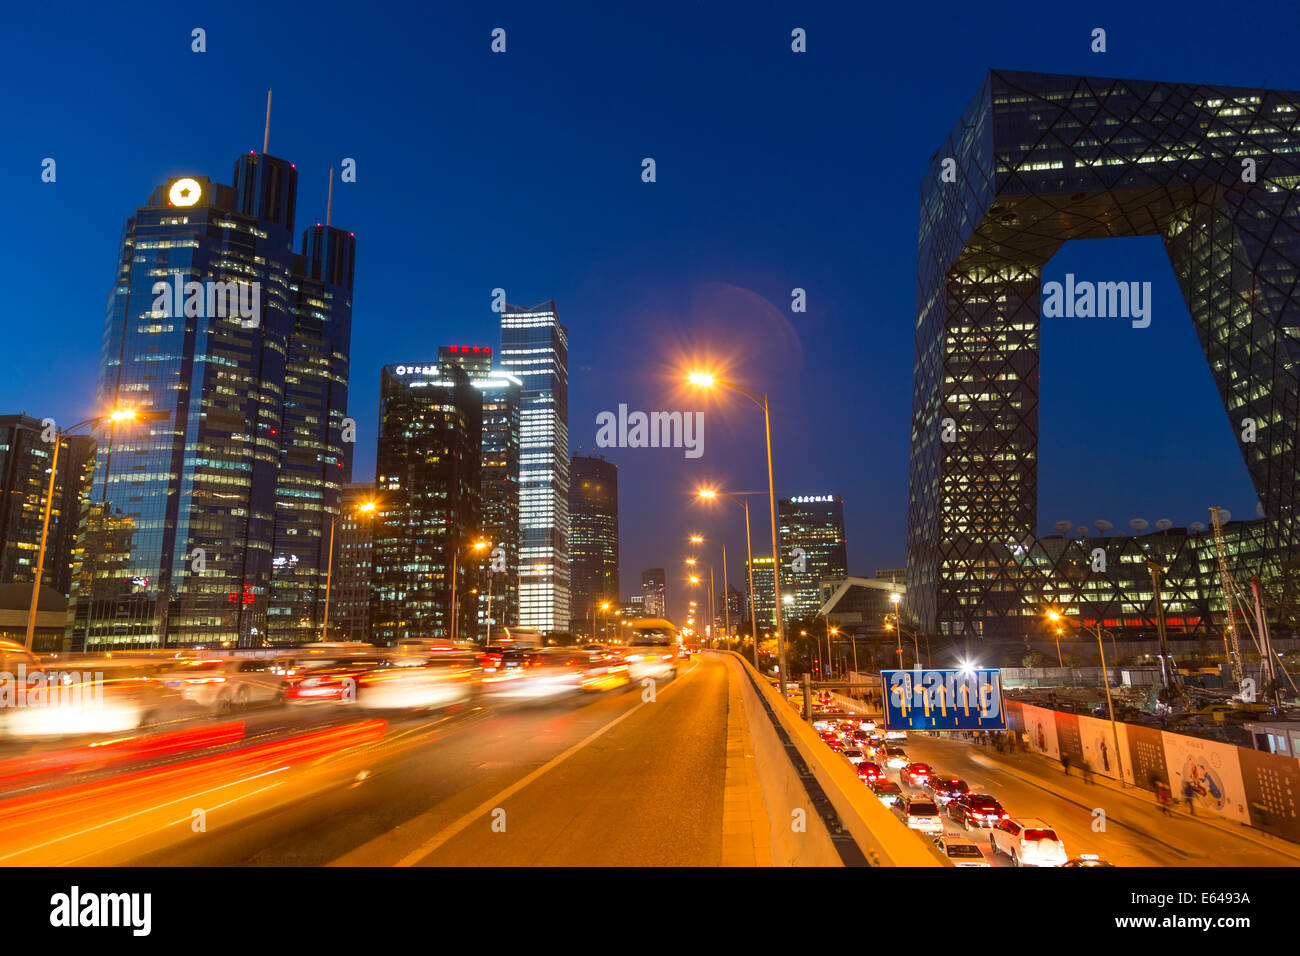 El distrito central de negocios y CCTV edificio al atardecer, Beijing, China Imagen De Stock